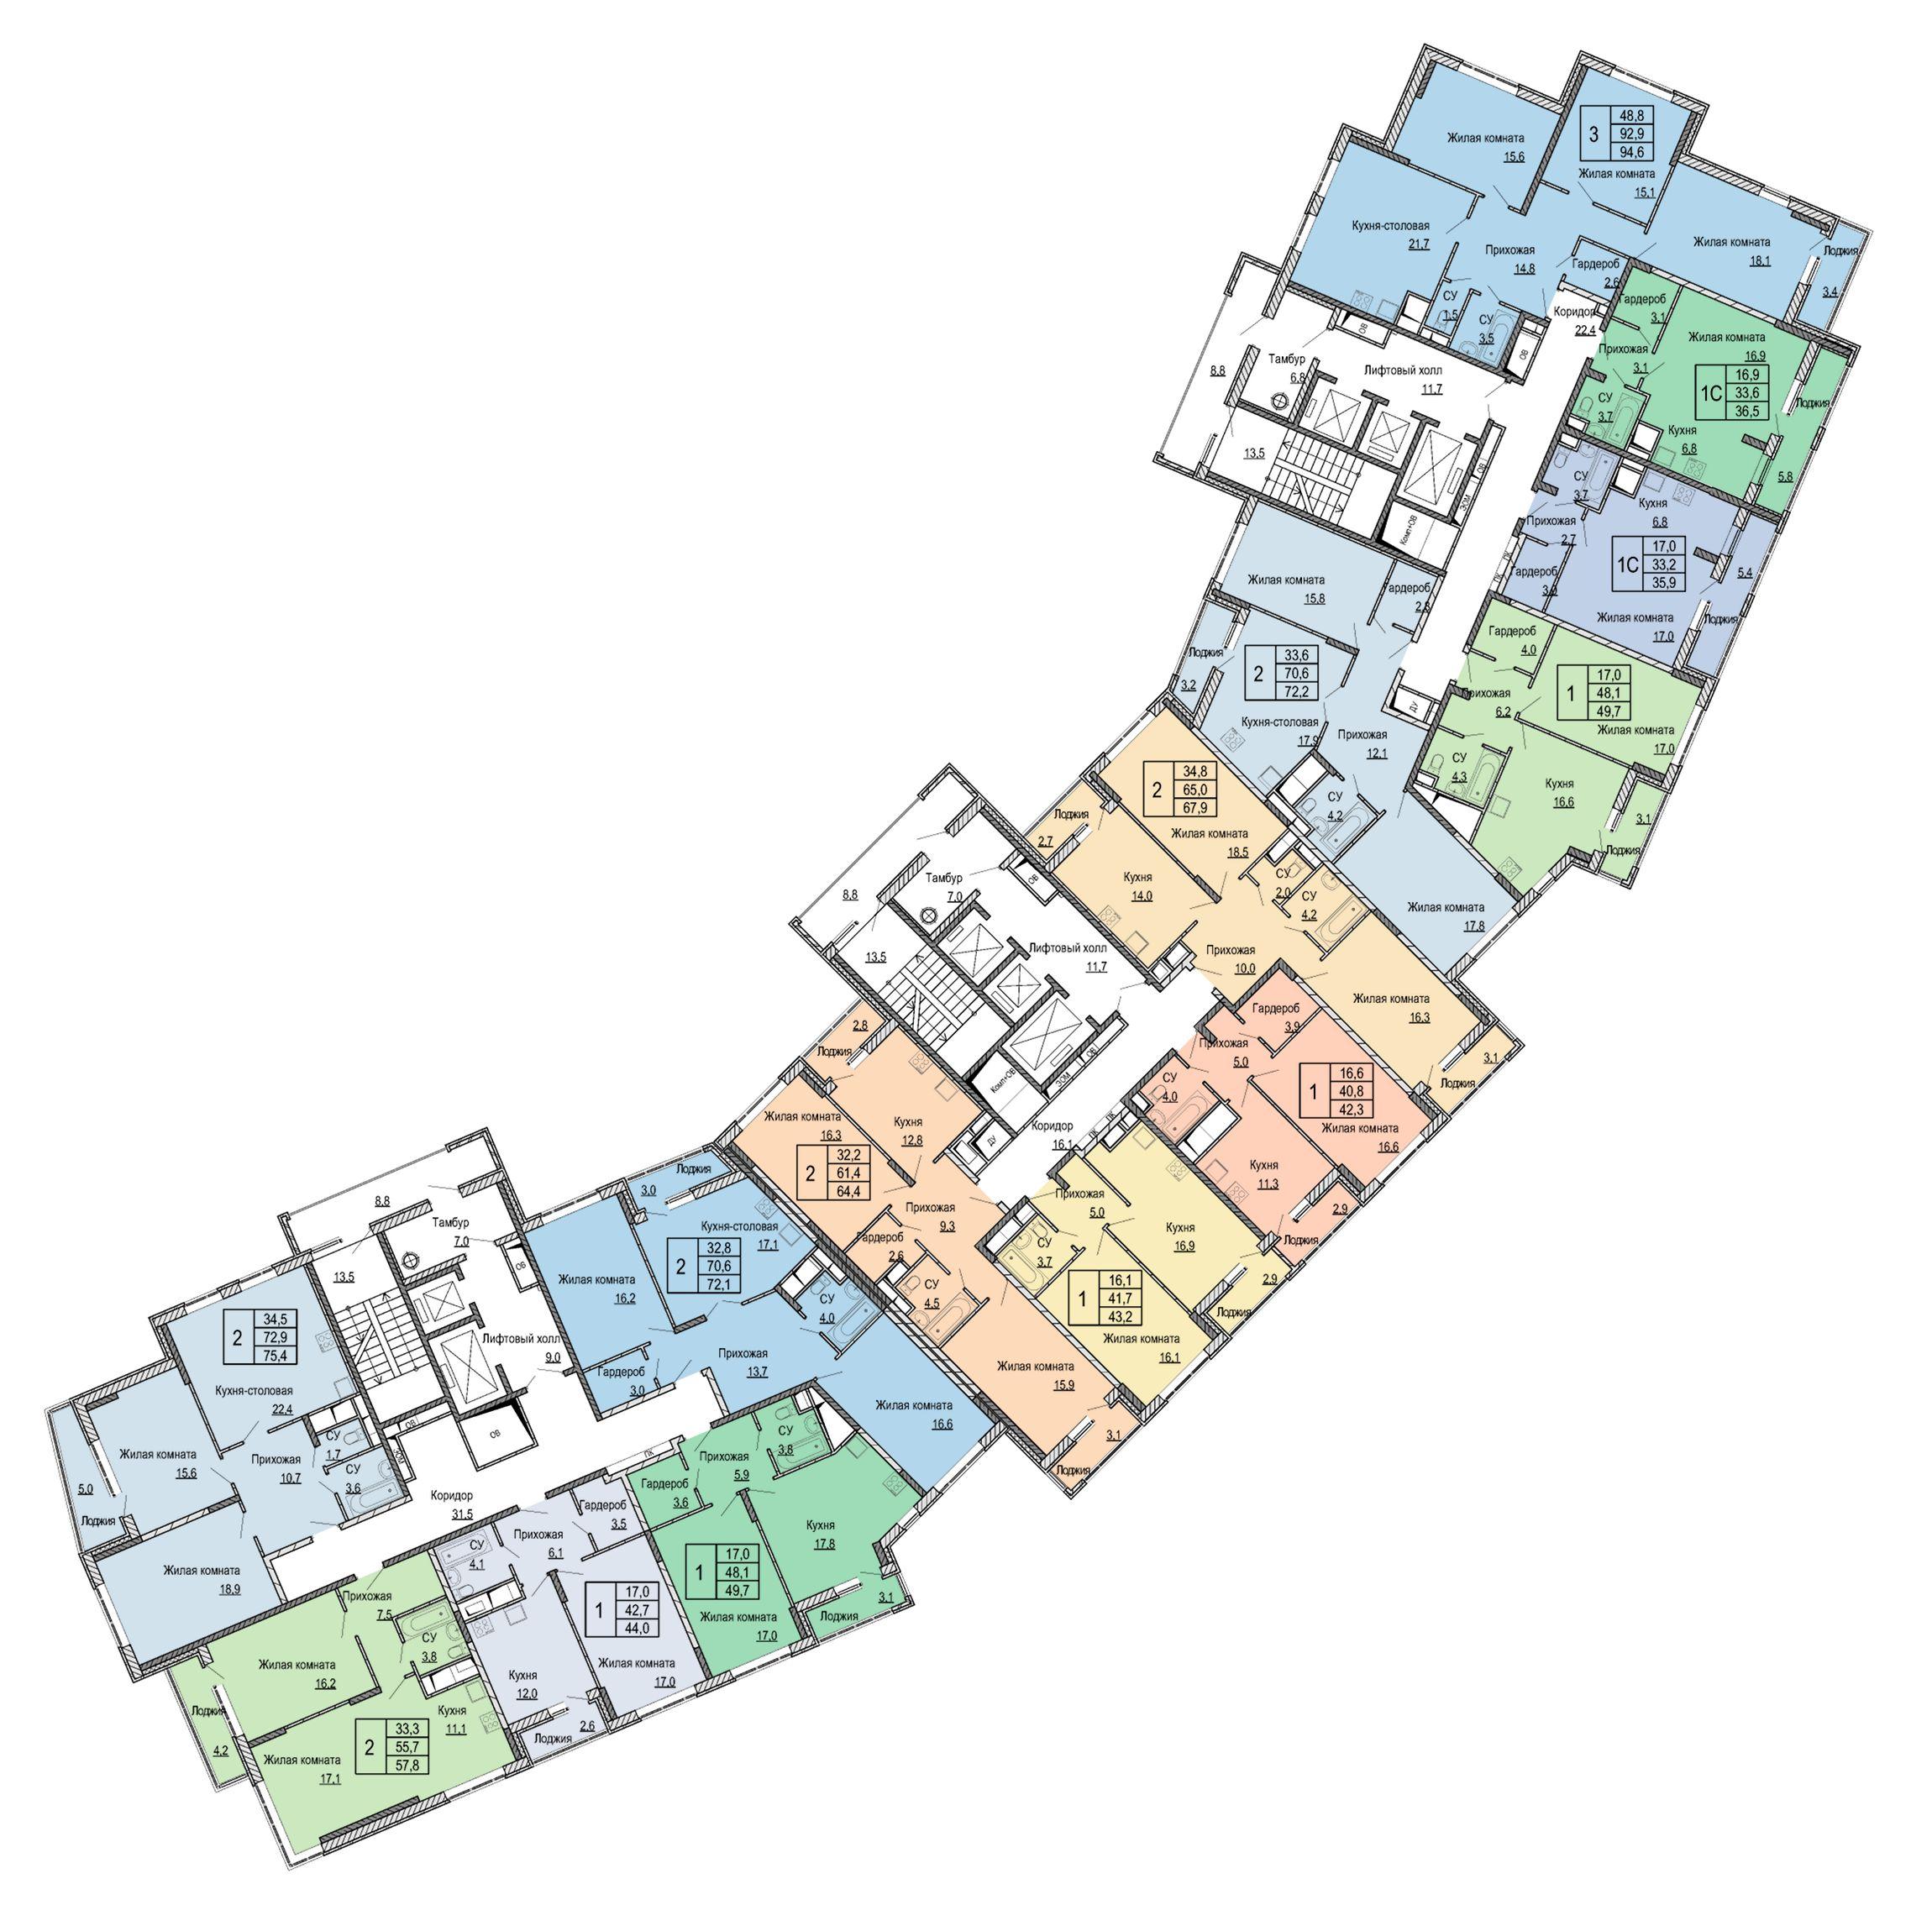 Микрорайон «Центральный», корпус 52в, план 2-го этажа